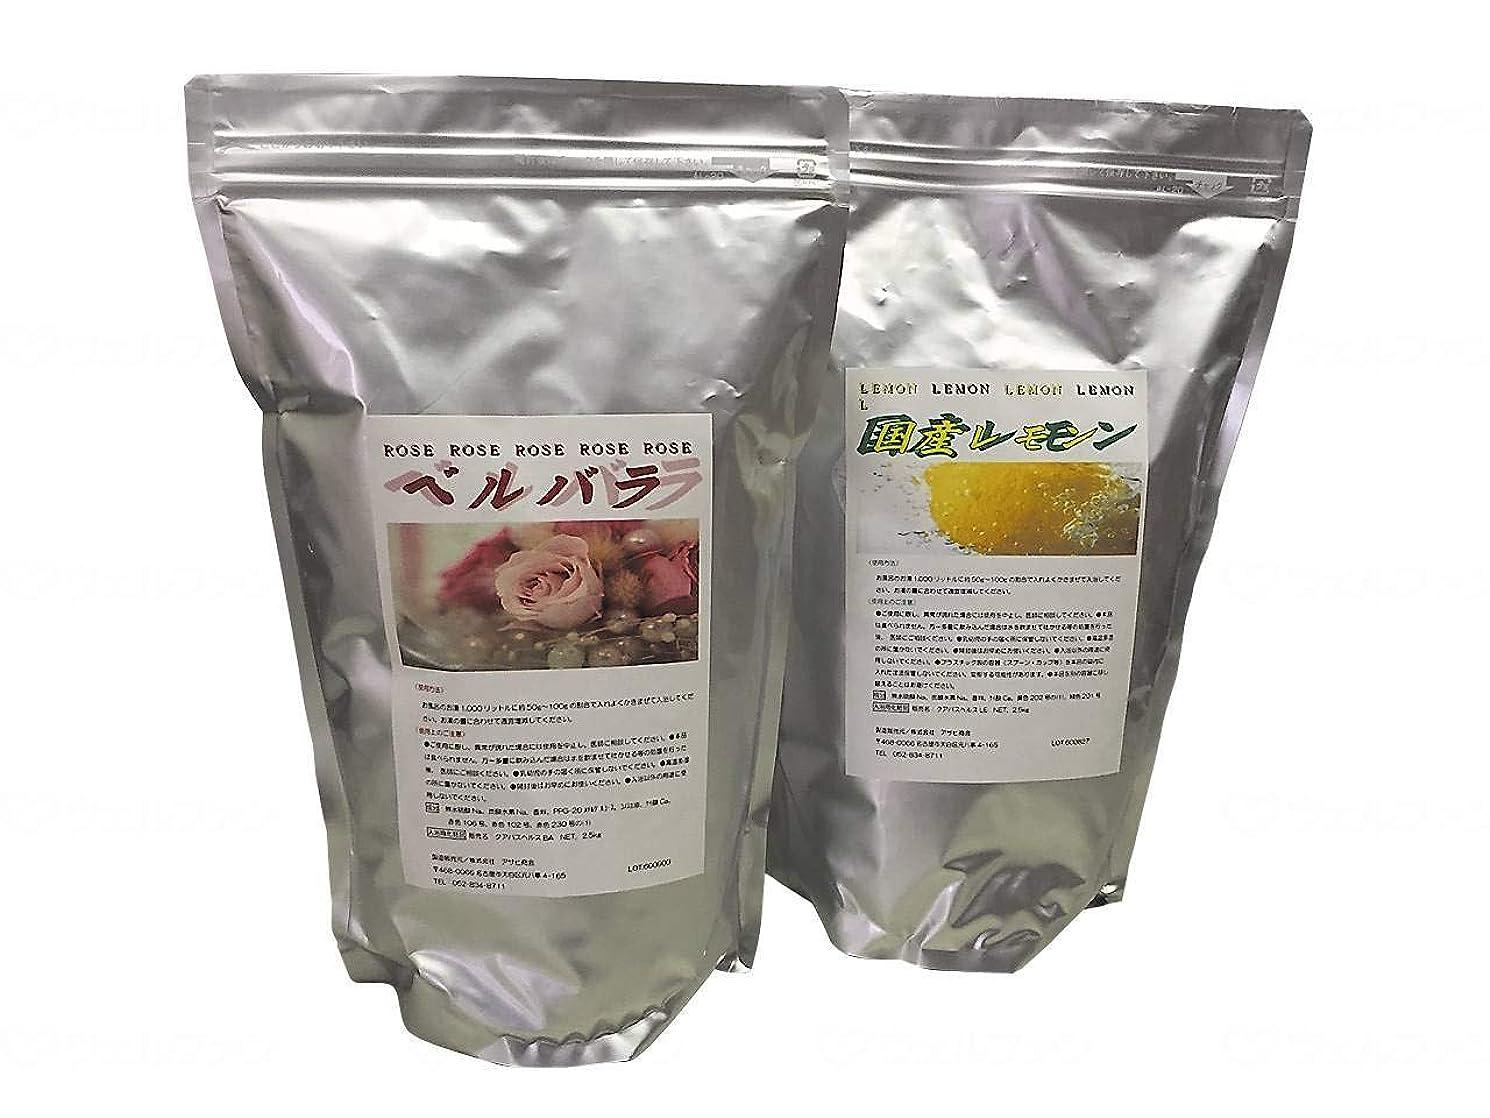 細分化するカテナオリエントアサヒ商会 アサヒ入浴化粧品 オレンジ 1袋